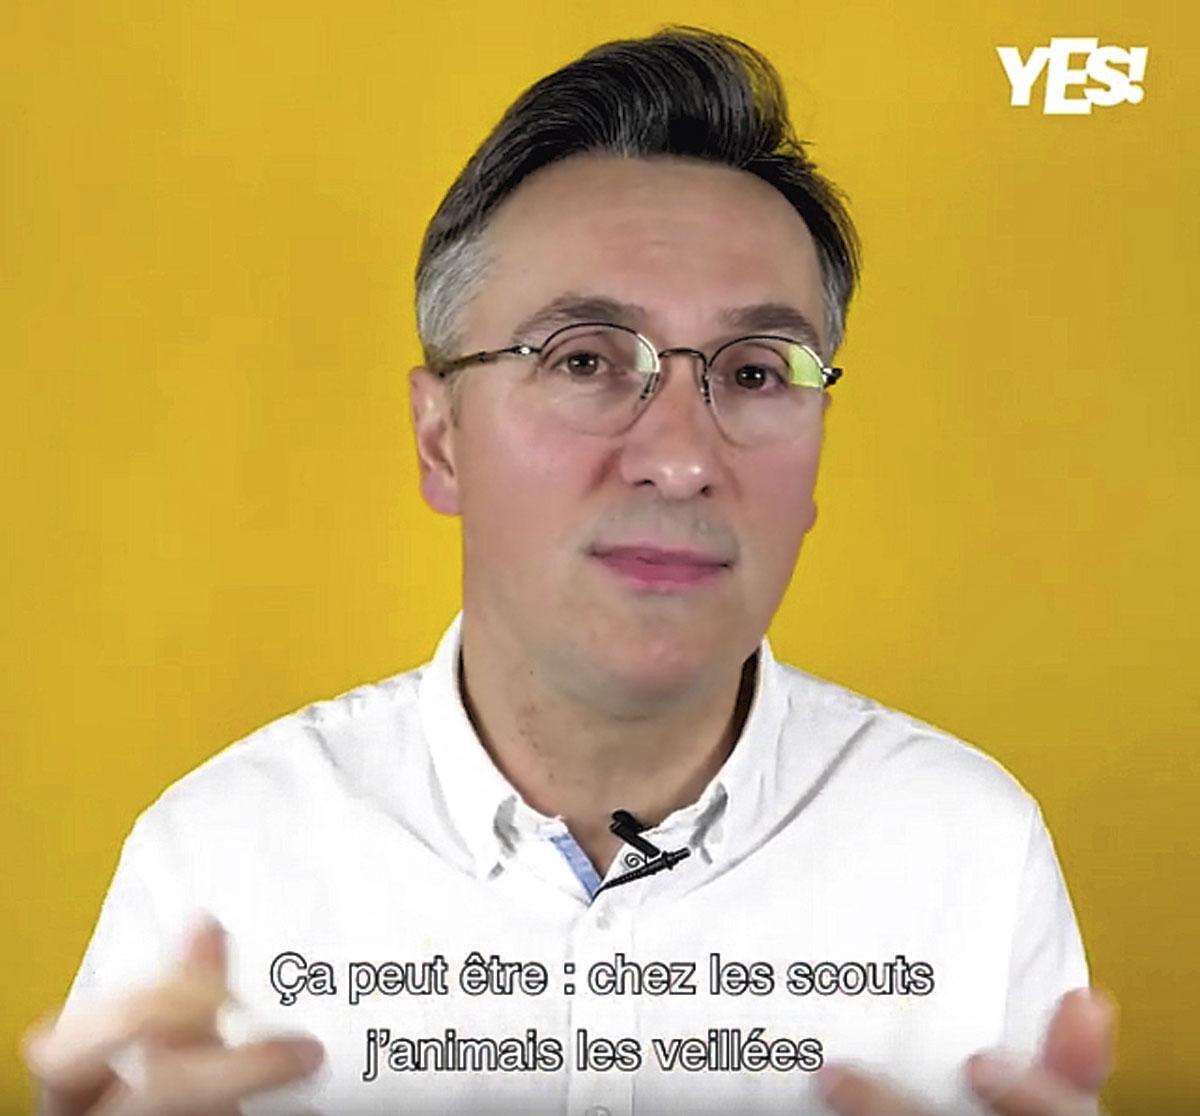 Jean-Charles della Faille accompagne des entreprises et des personnes. Son but : apporter du sens., DR